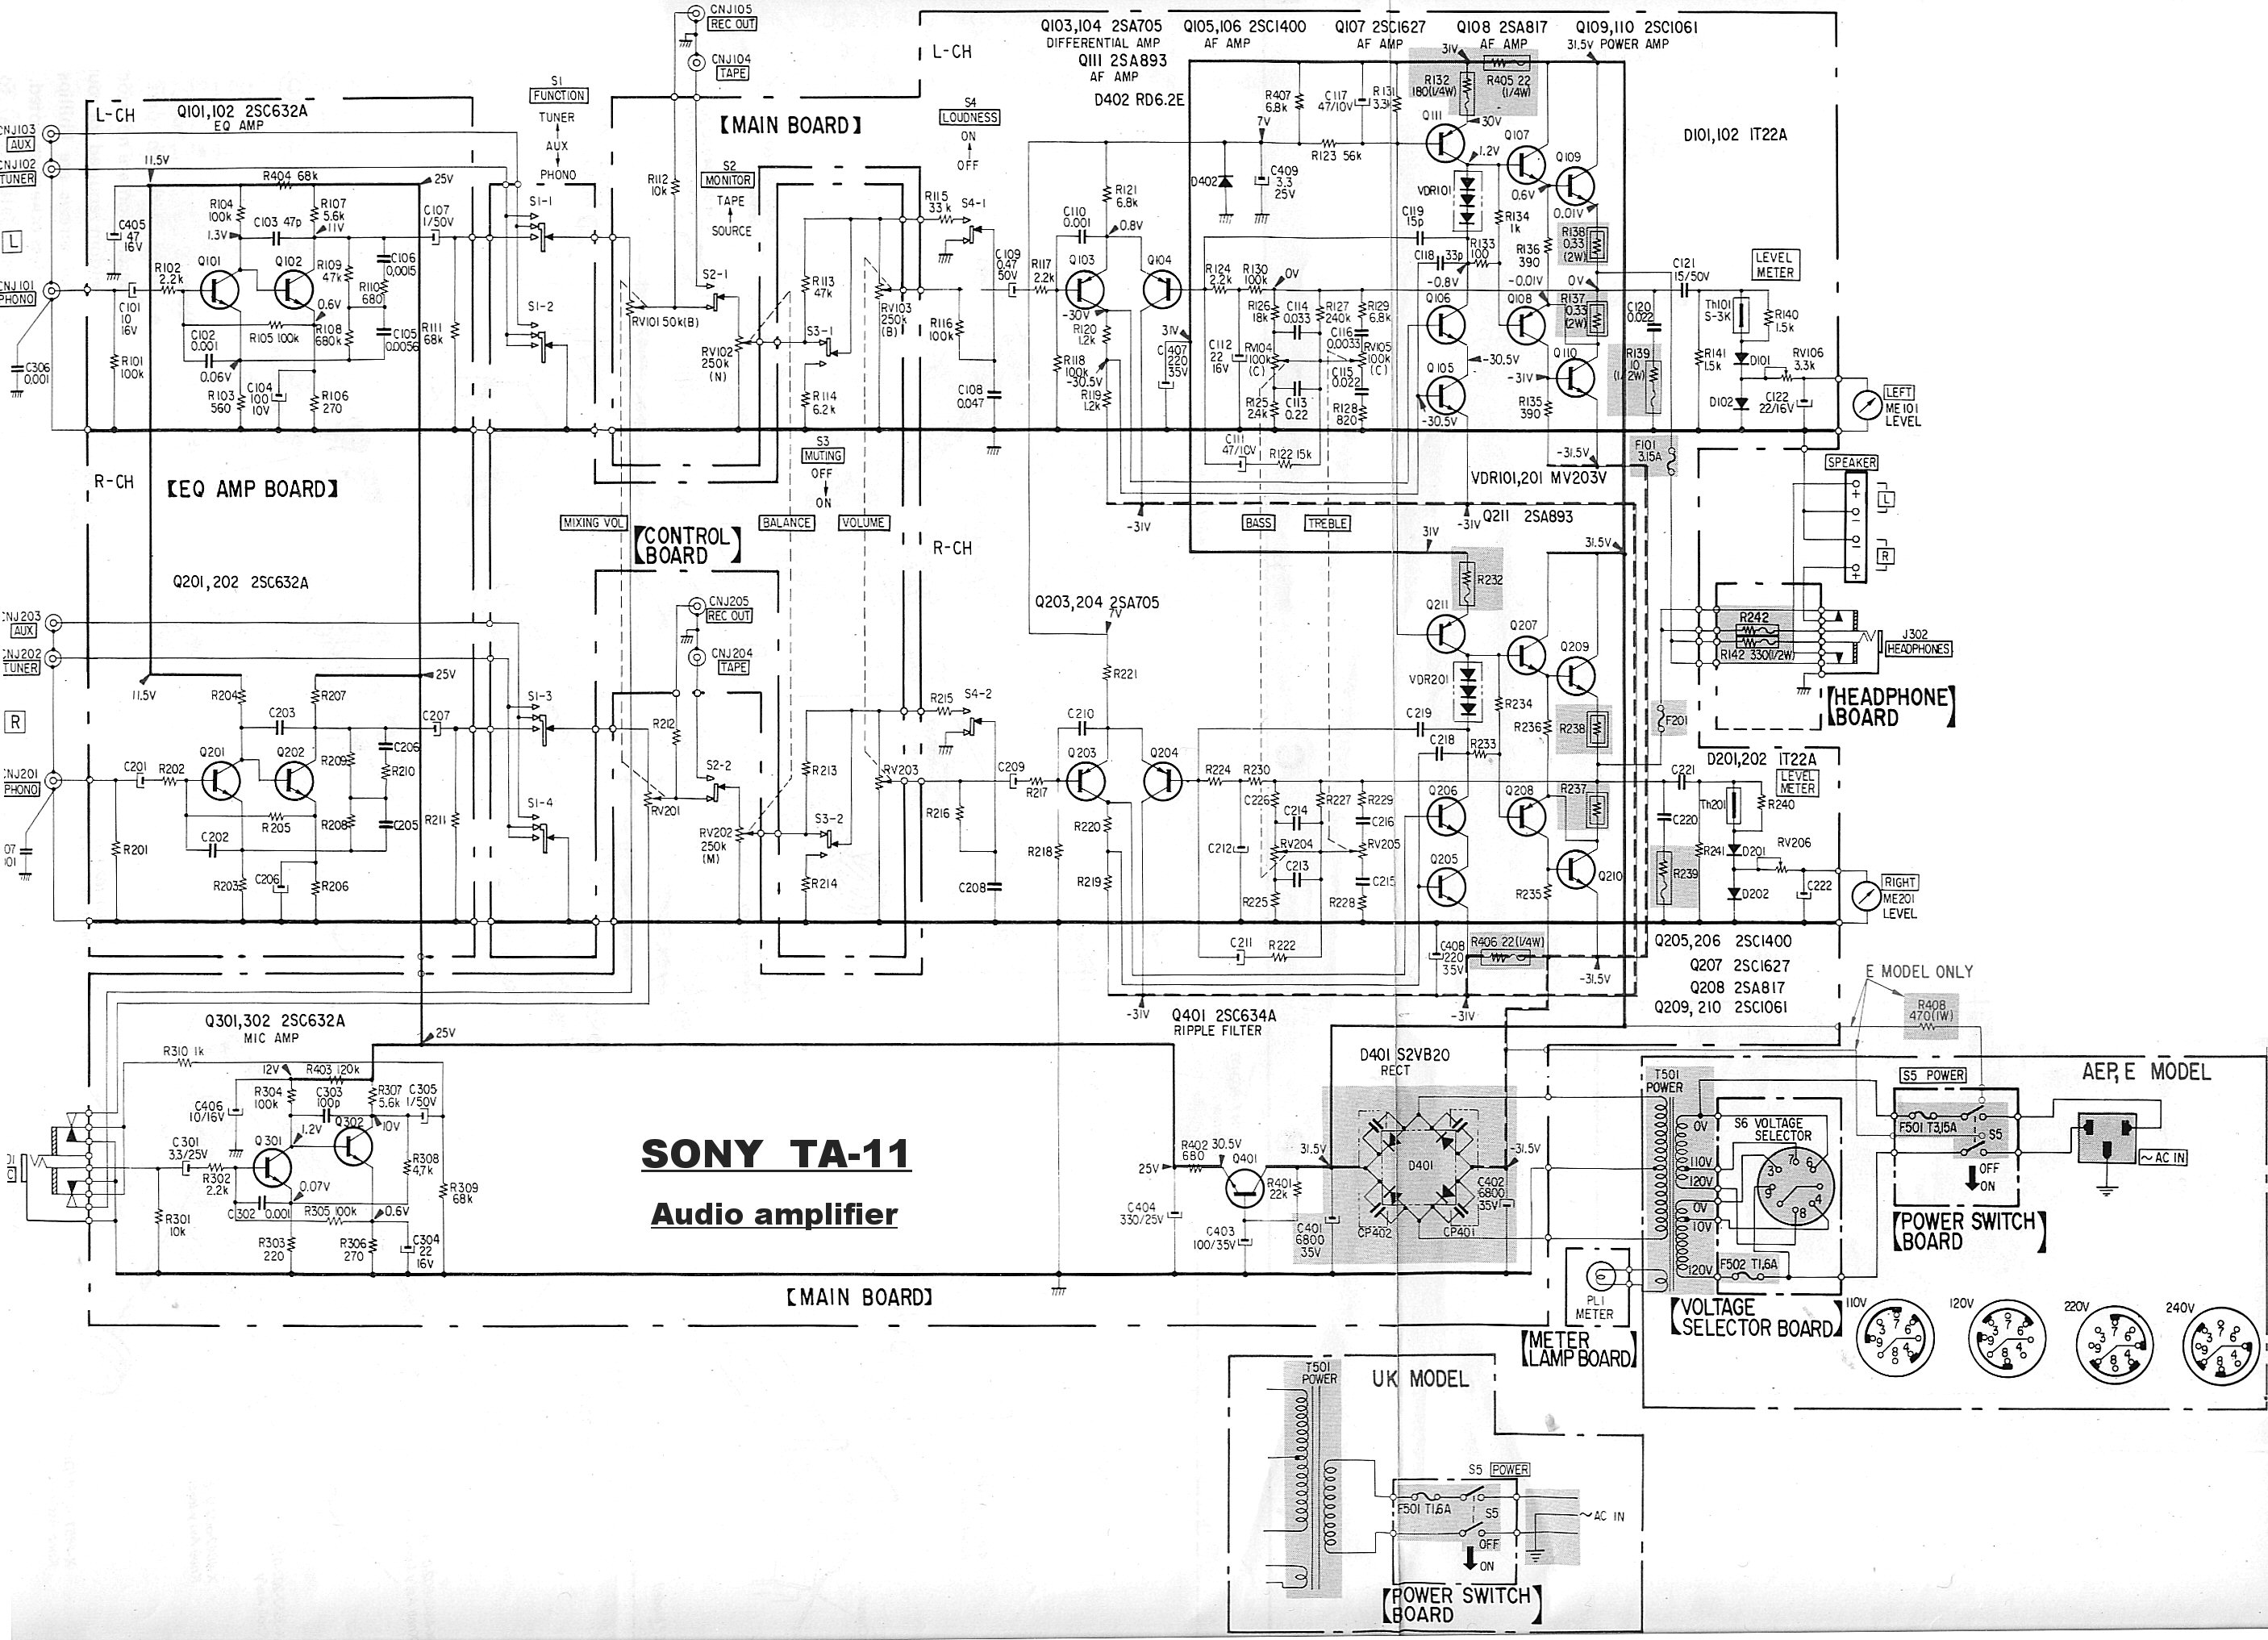 Service manual : SONY TA-11 SONY TA-11_01.jpg, Audio